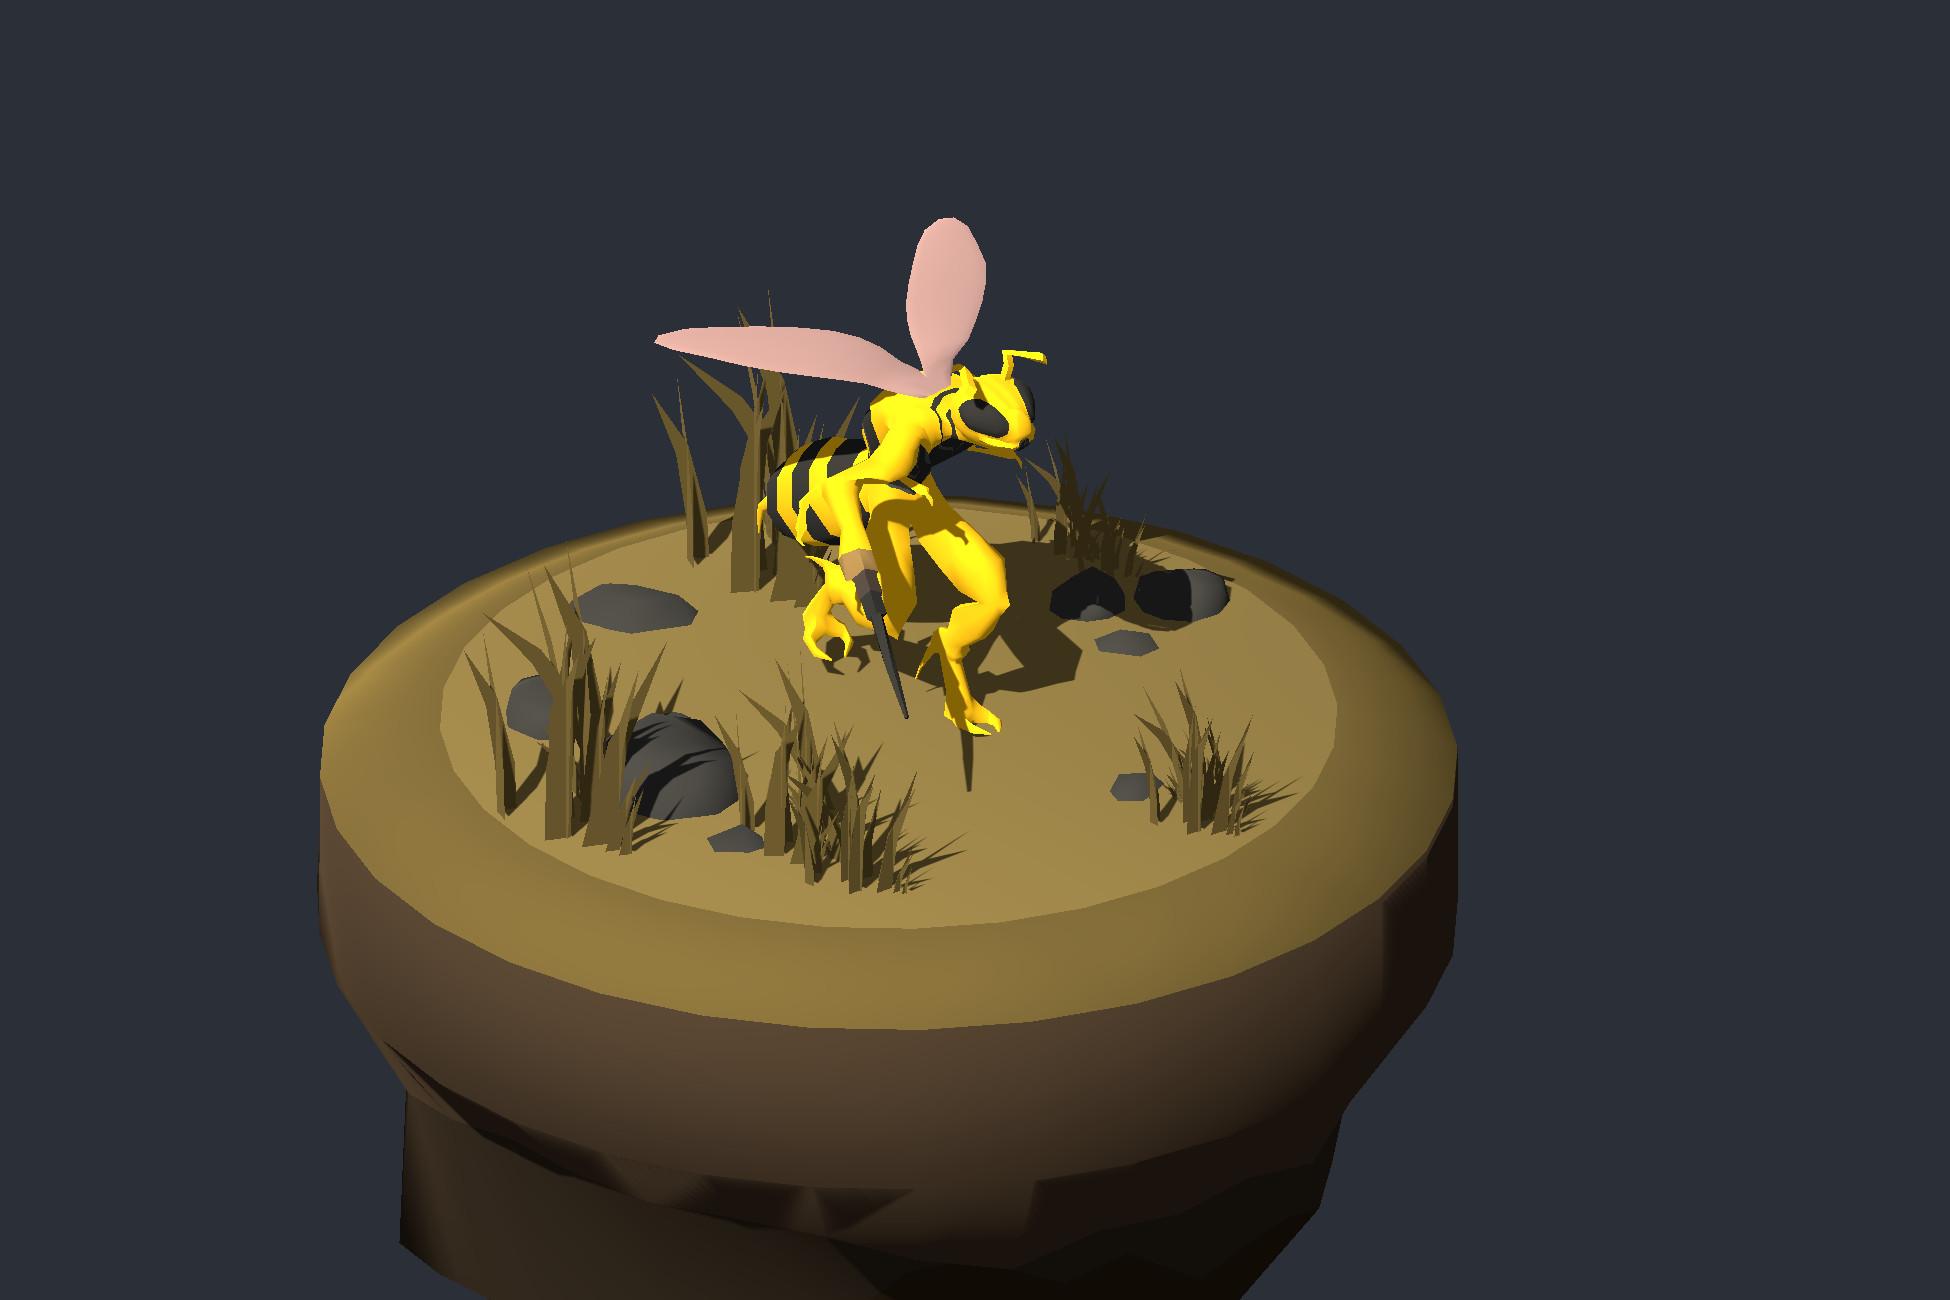 Warrior Bee 1 - Medieval Fantasy